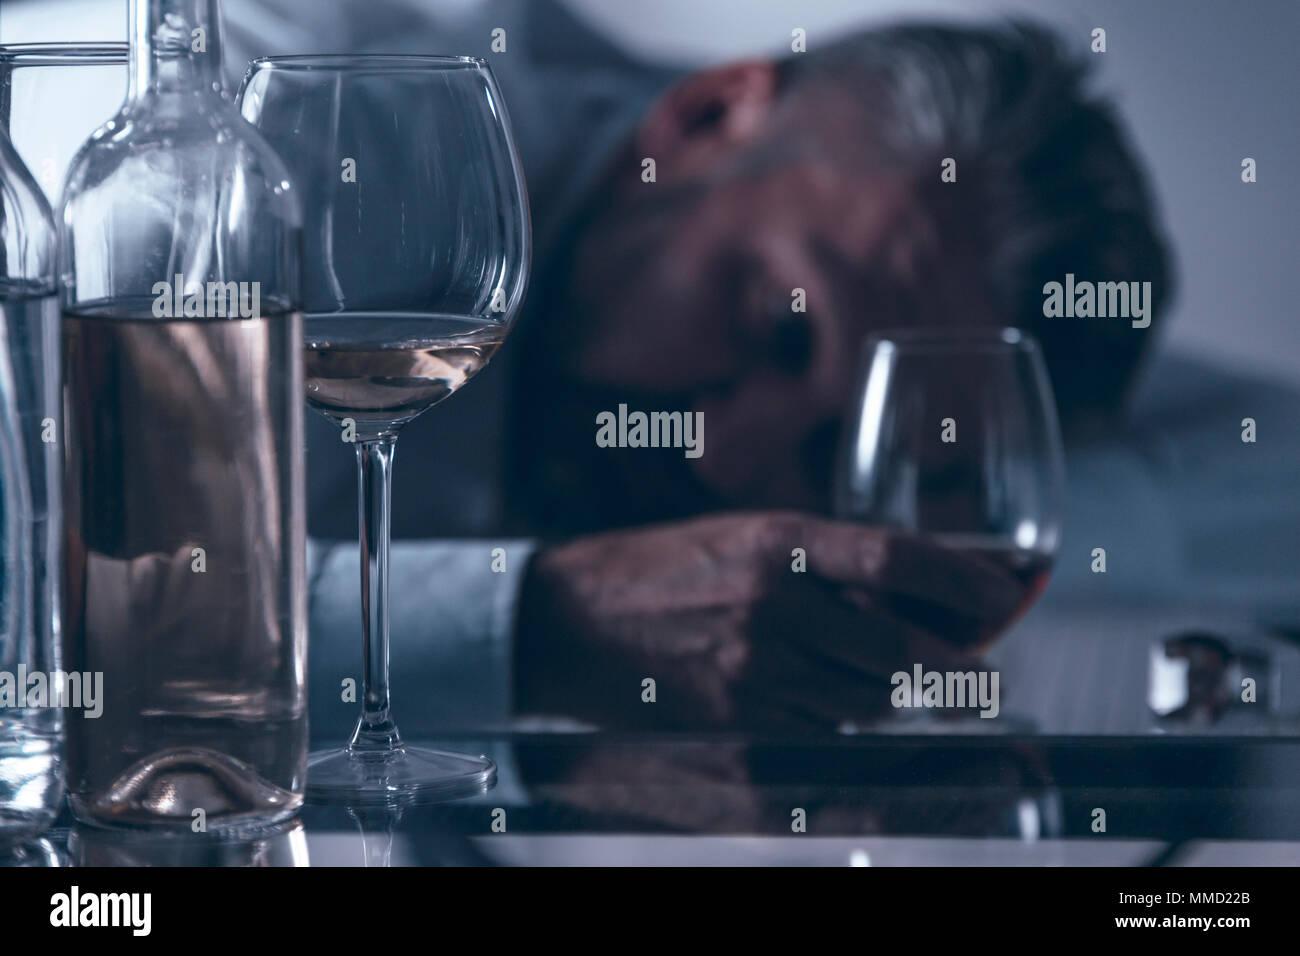 Close-up de un borracho desesperado hombre de mediana edad inclinarse sobre la mesa detrás de botellas y vasos con alcohol Imagen De Stock